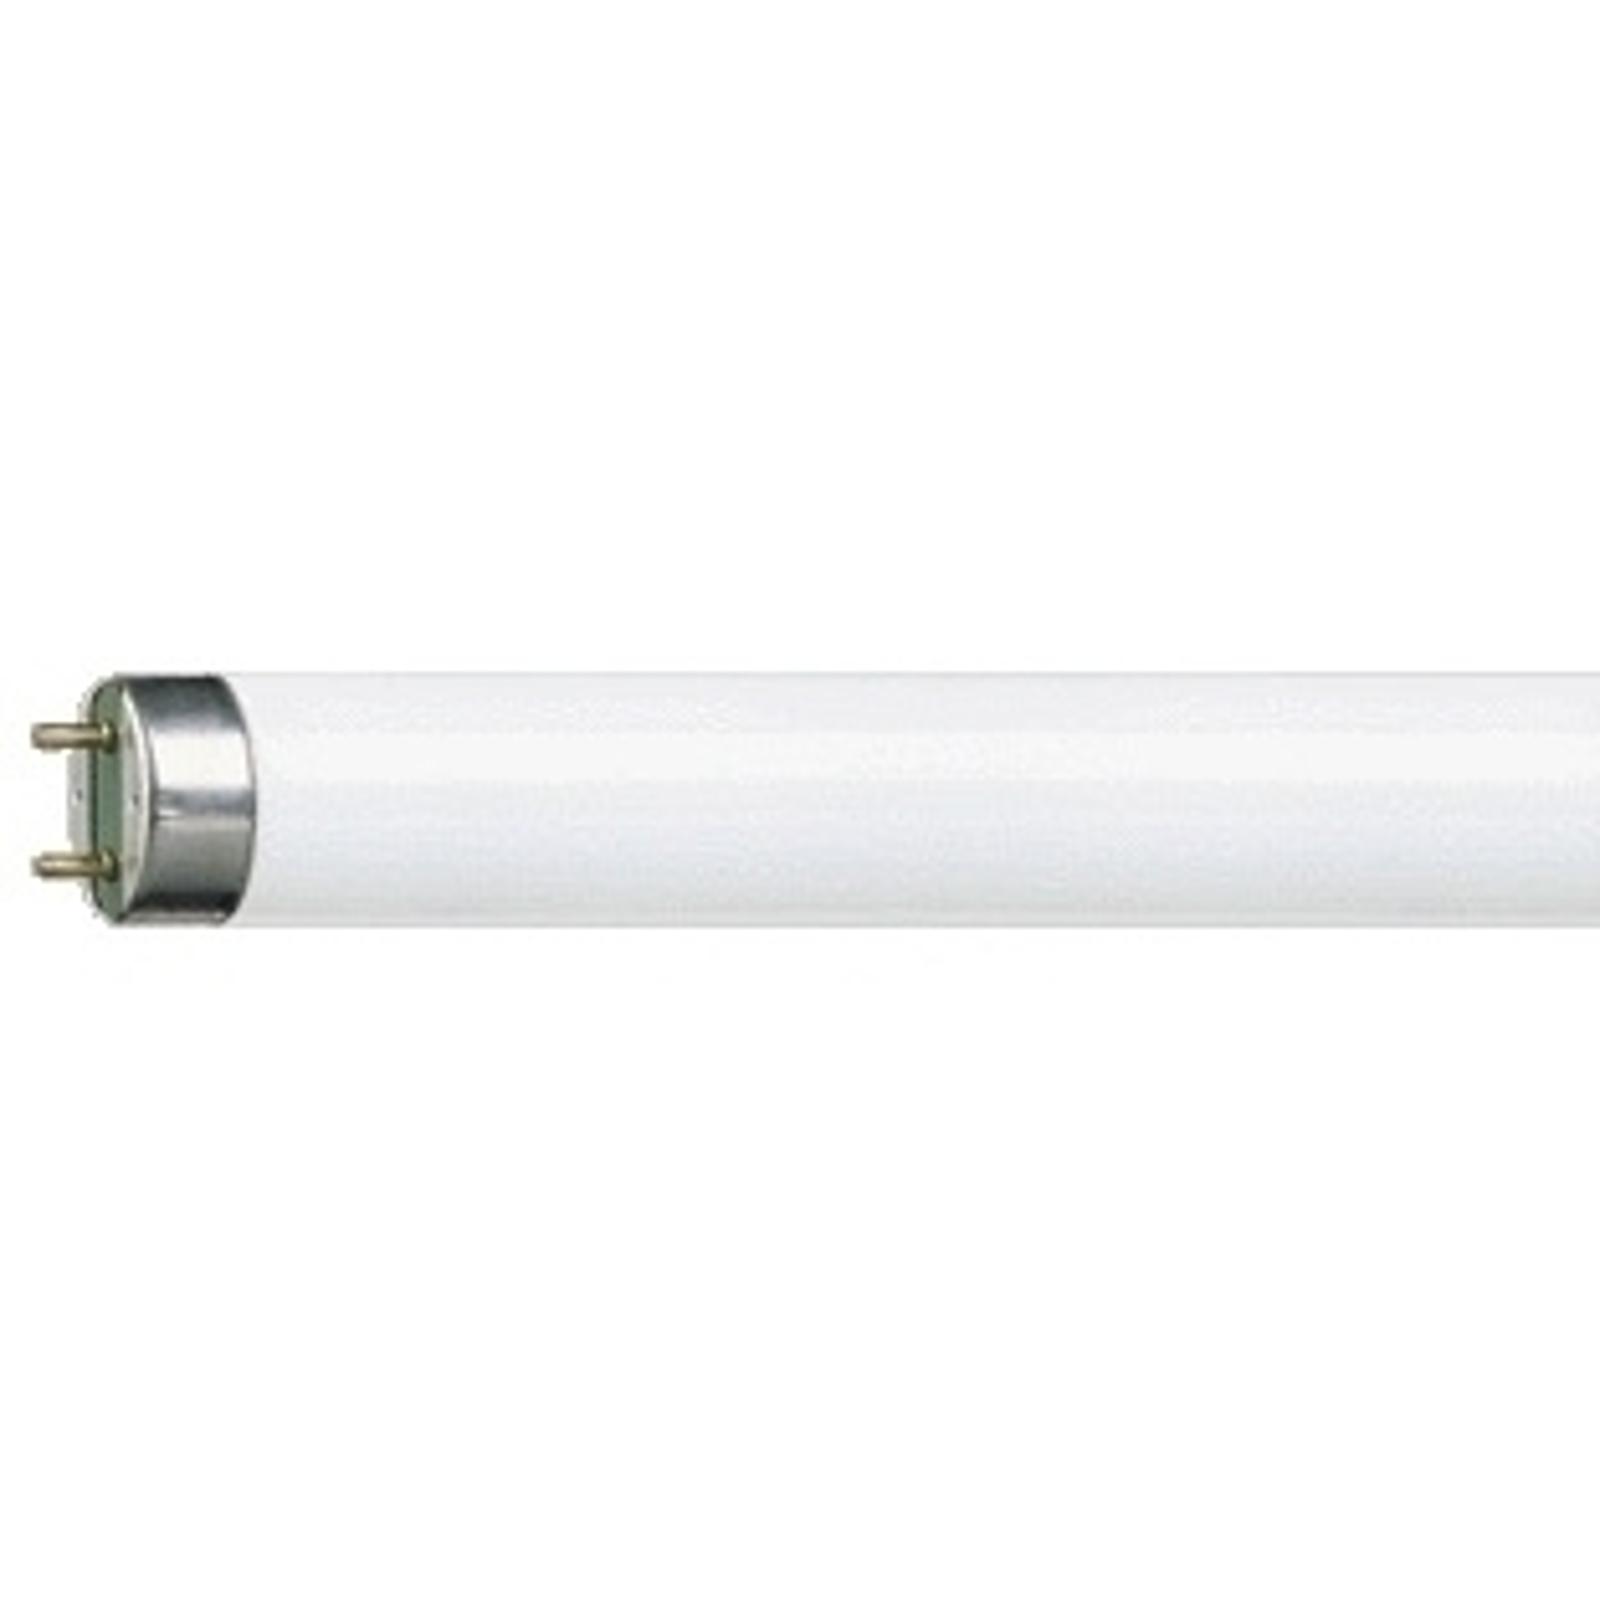 Leuchtstoffröhre G13 T8 36W MASTER TL-D Super 830